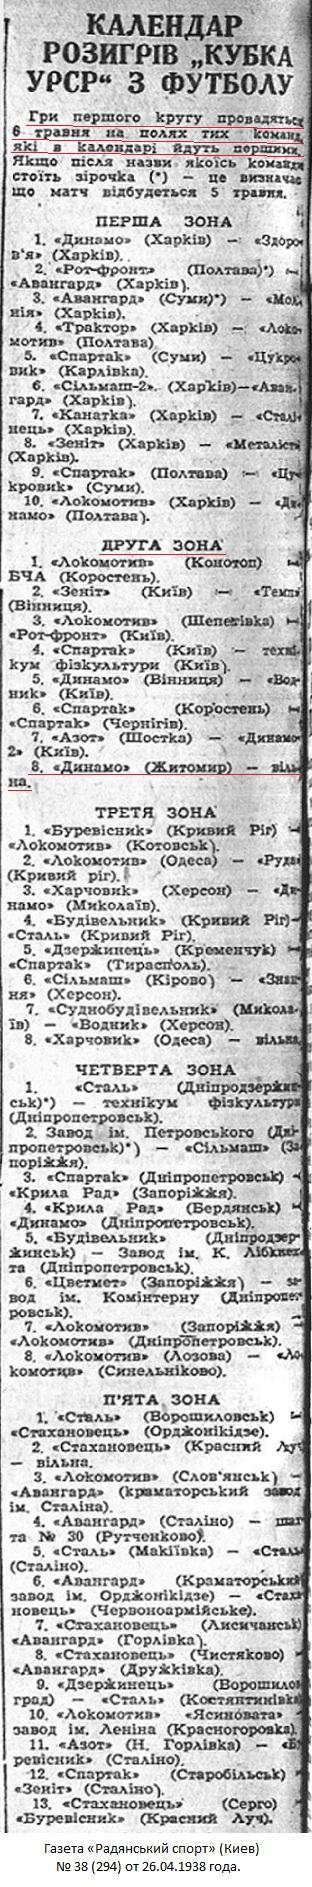 Динамо (Житомир) - Динамо (Могилев-Подольский) +:- 1:1 д.в. тех.